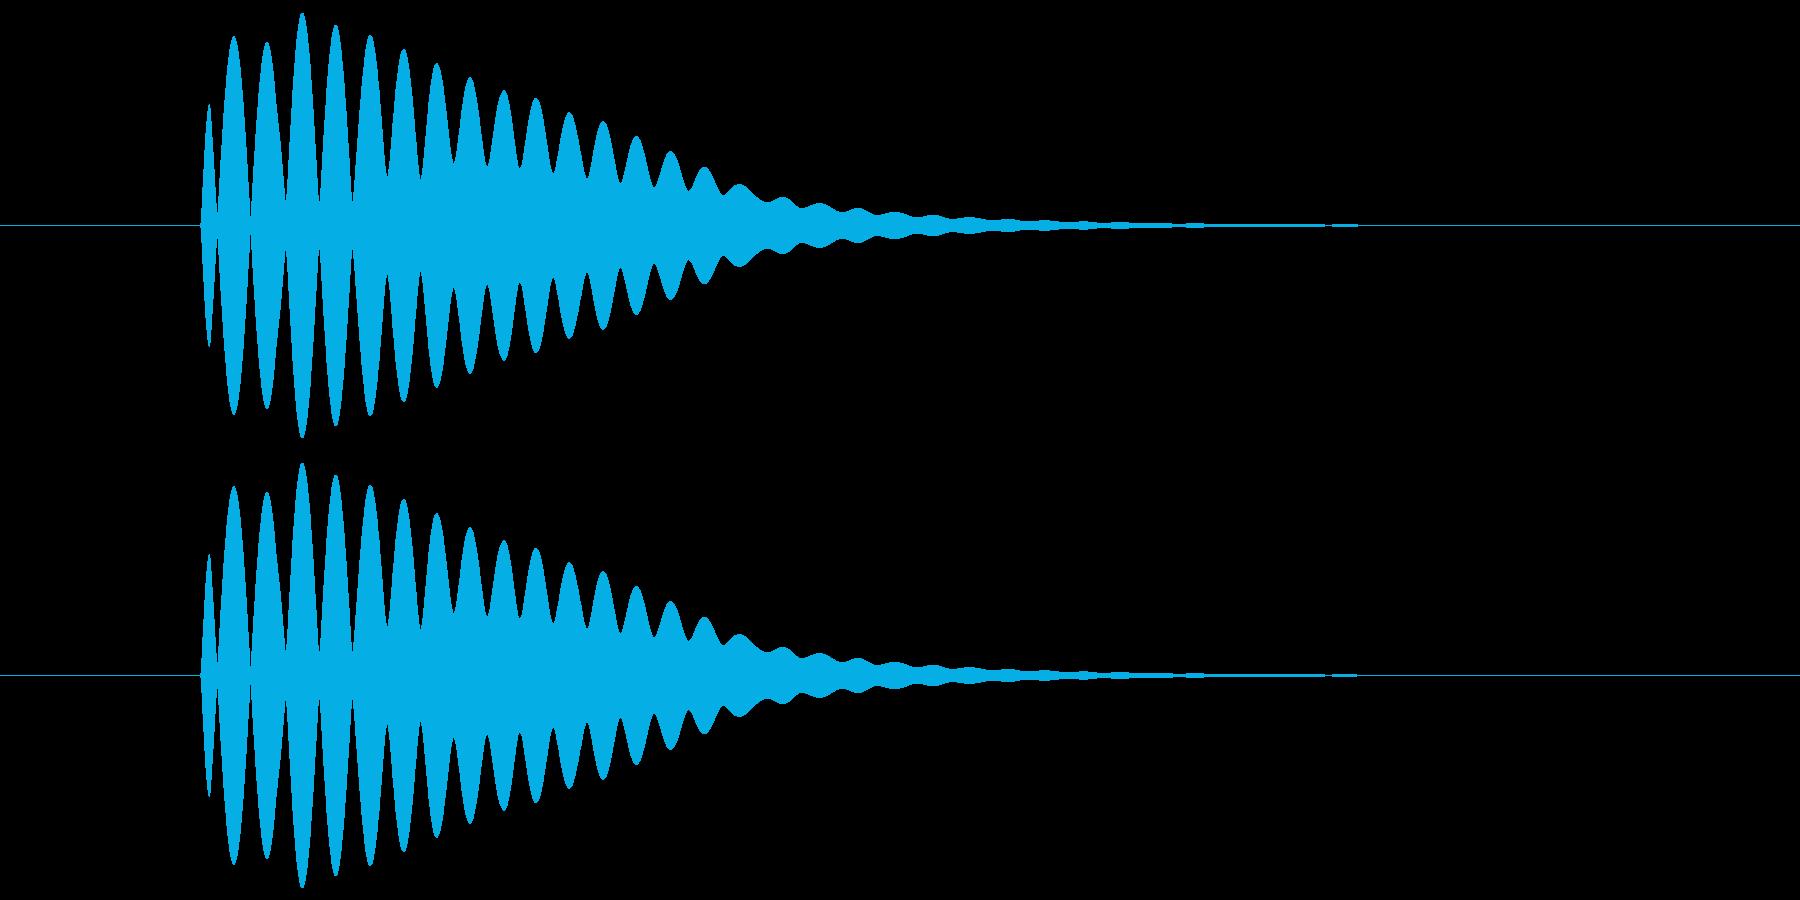 ポーン(透明感のある余韻のある音) 01の再生済みの波形